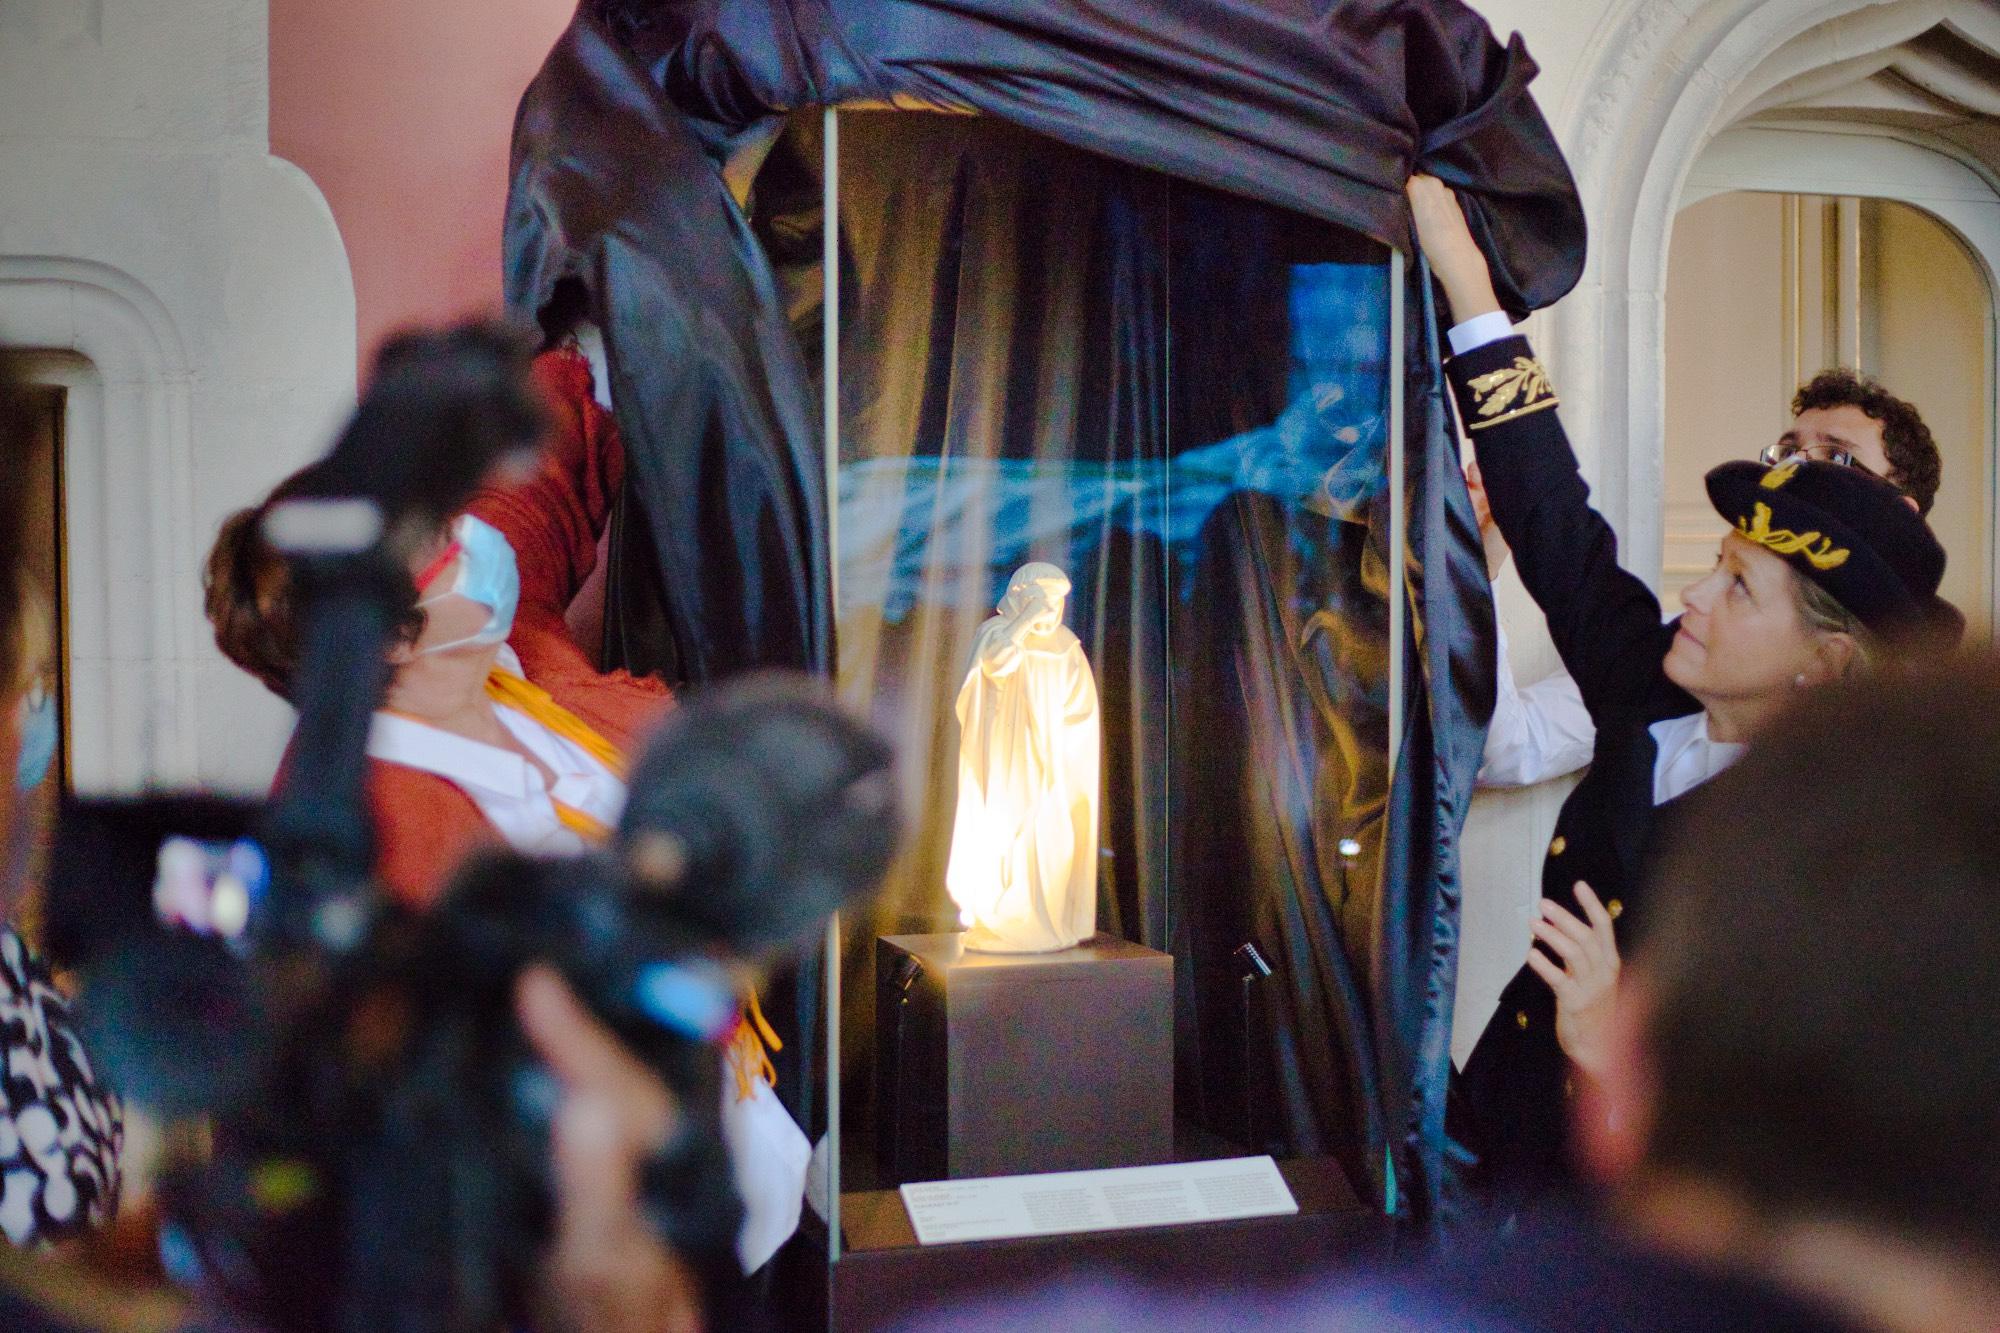 Le 17e Pleurant dévoilé au Musée des Beaux-Arts de Dijon